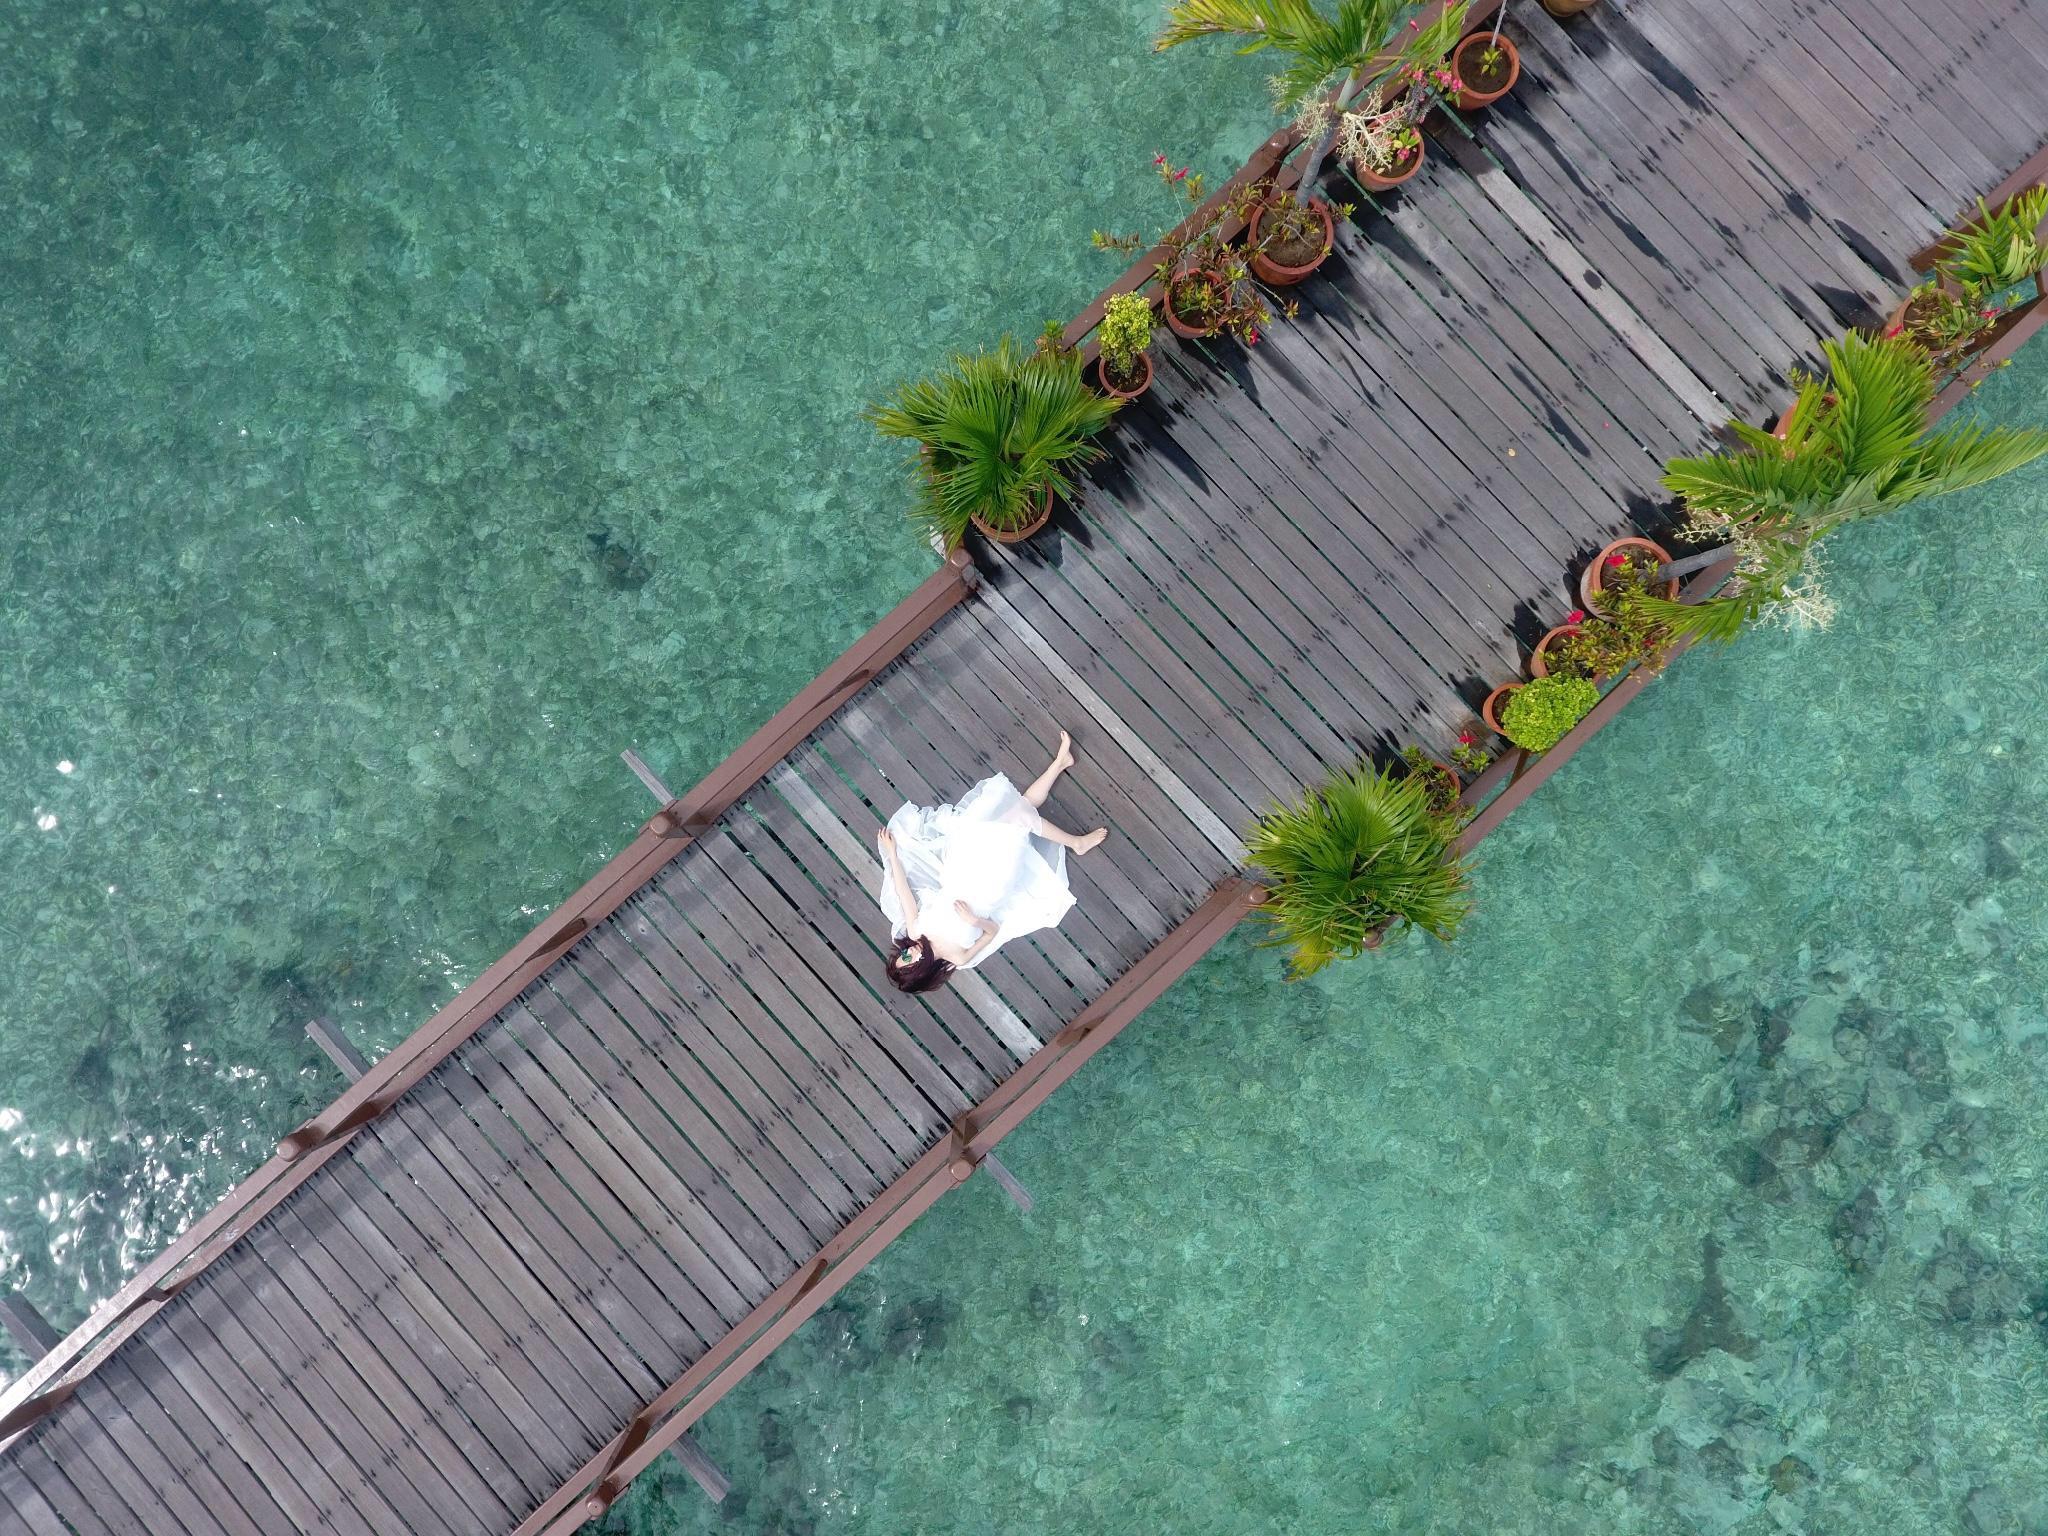 仙本那自由行攻略|玩在马布岛西巴丹水上屋swv,高性价比豪华水上屋!